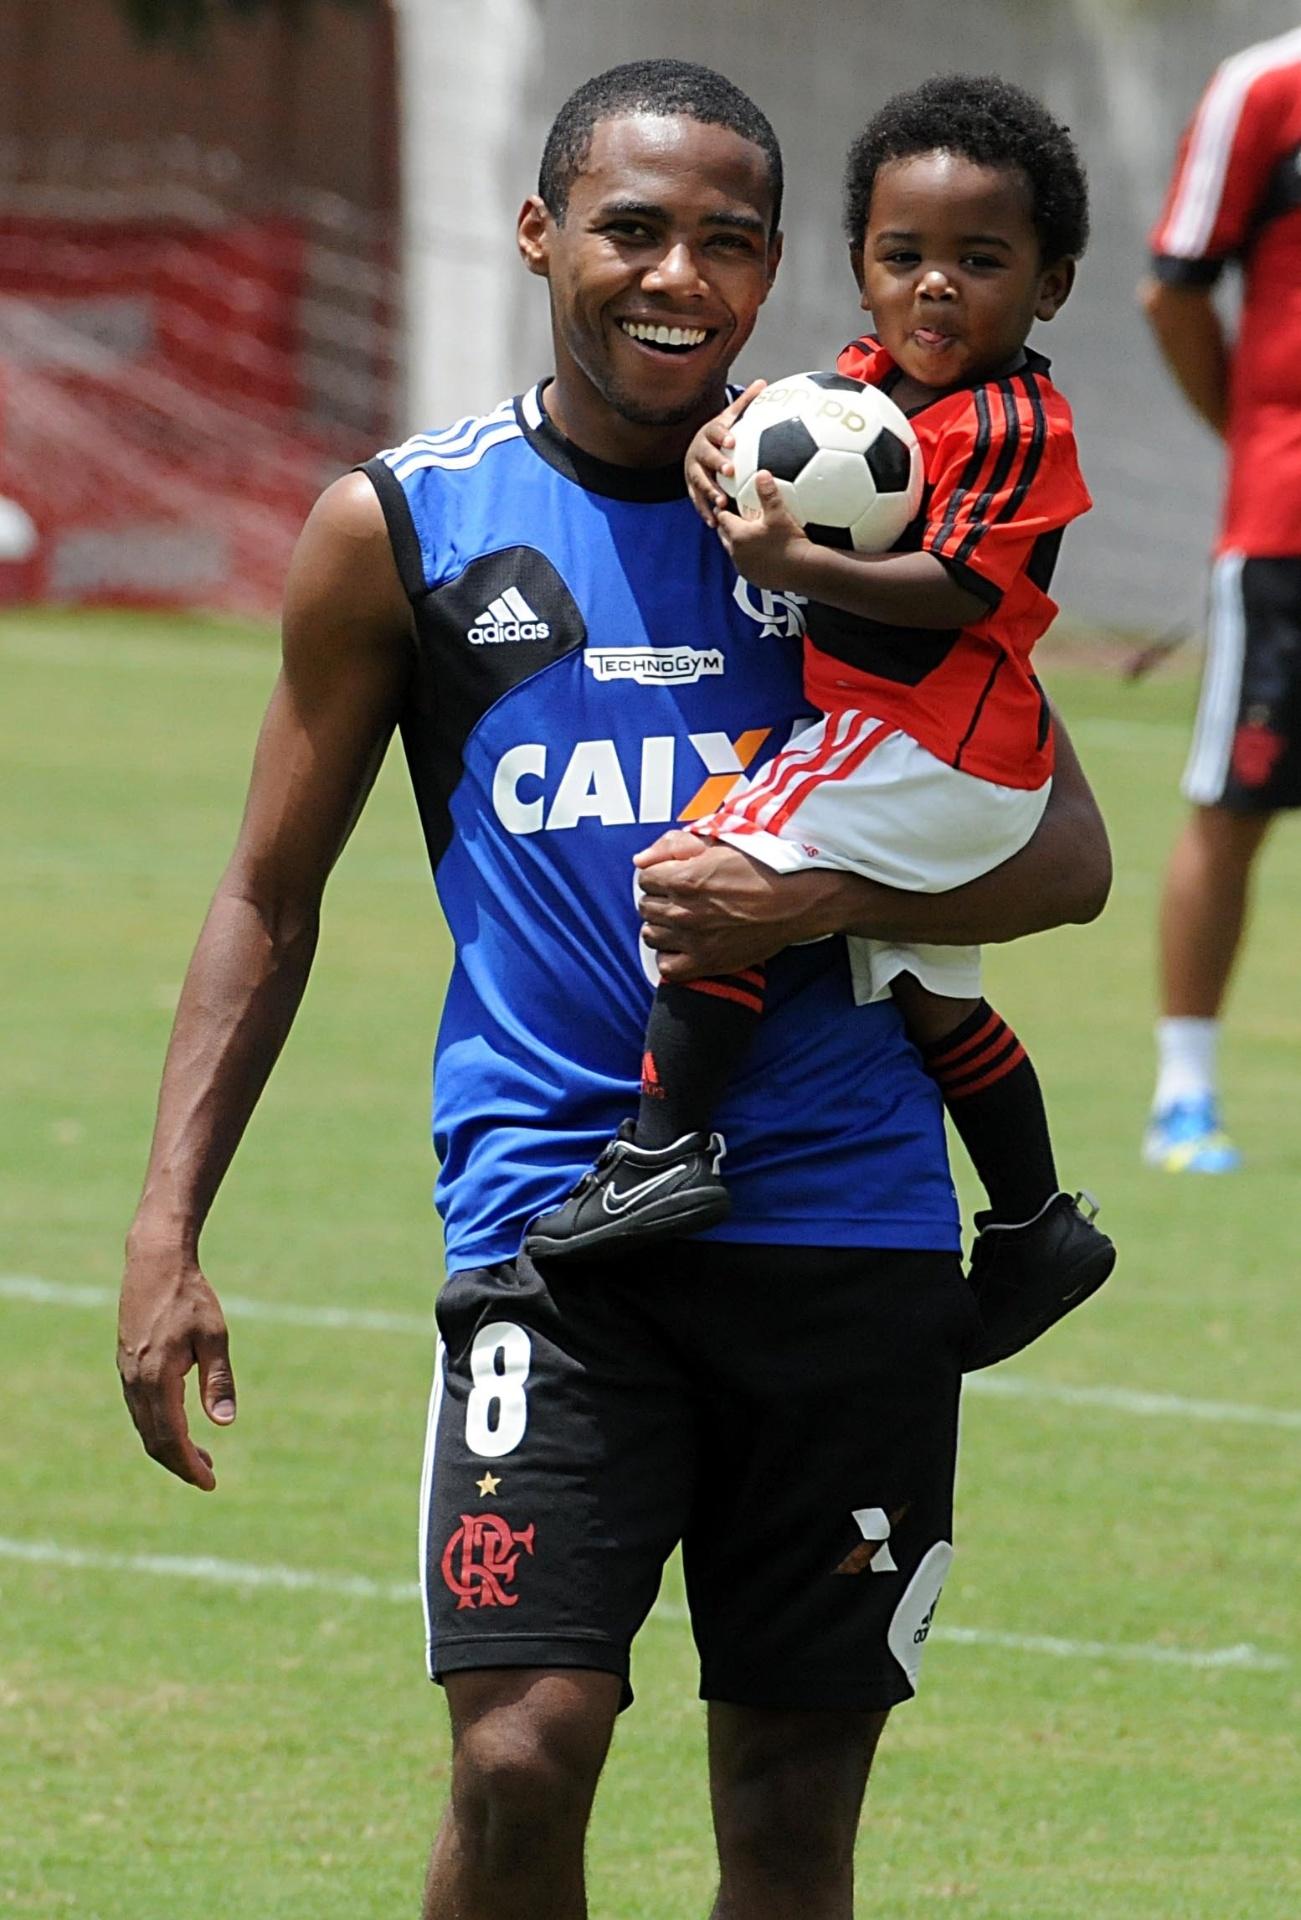 12.out.2013 - Volante Elias levou o filho ao treino do Flamengo neste sábado, dia das crianças e véspera do clássico contra o Botafogo